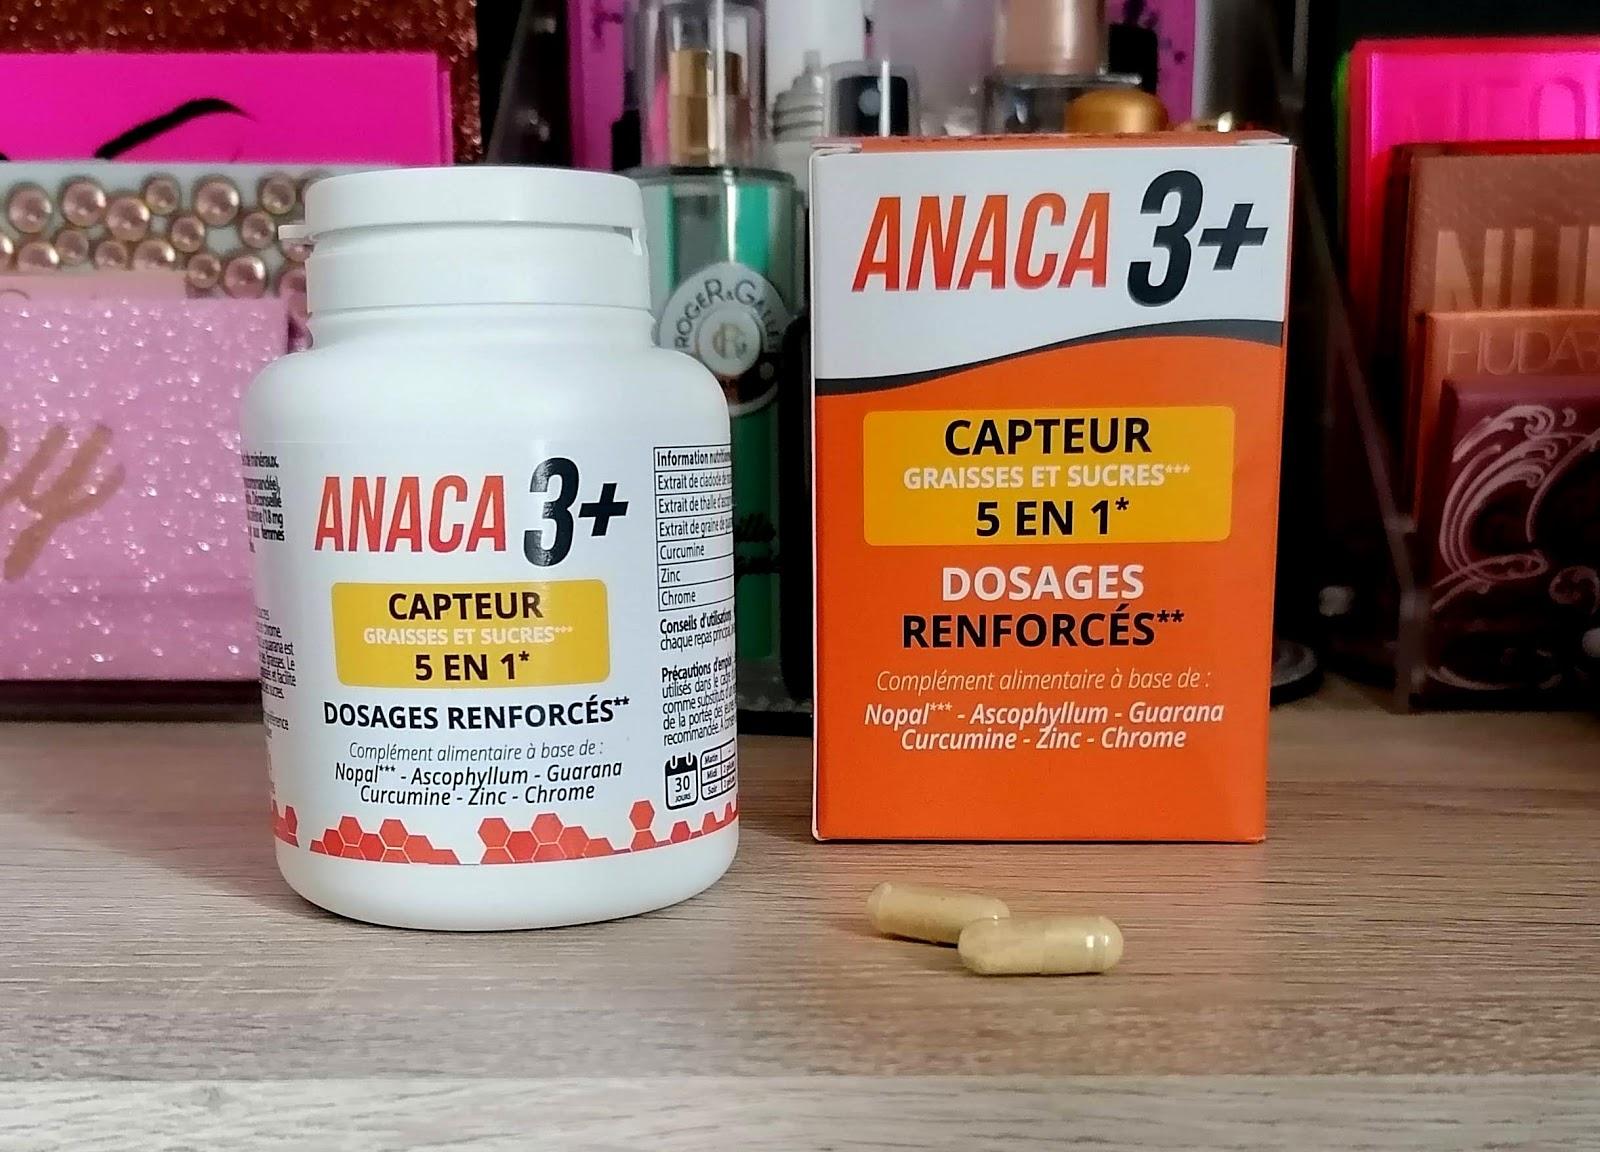 ANACA3+ >> Le capteur graisses et sucres 5en1!